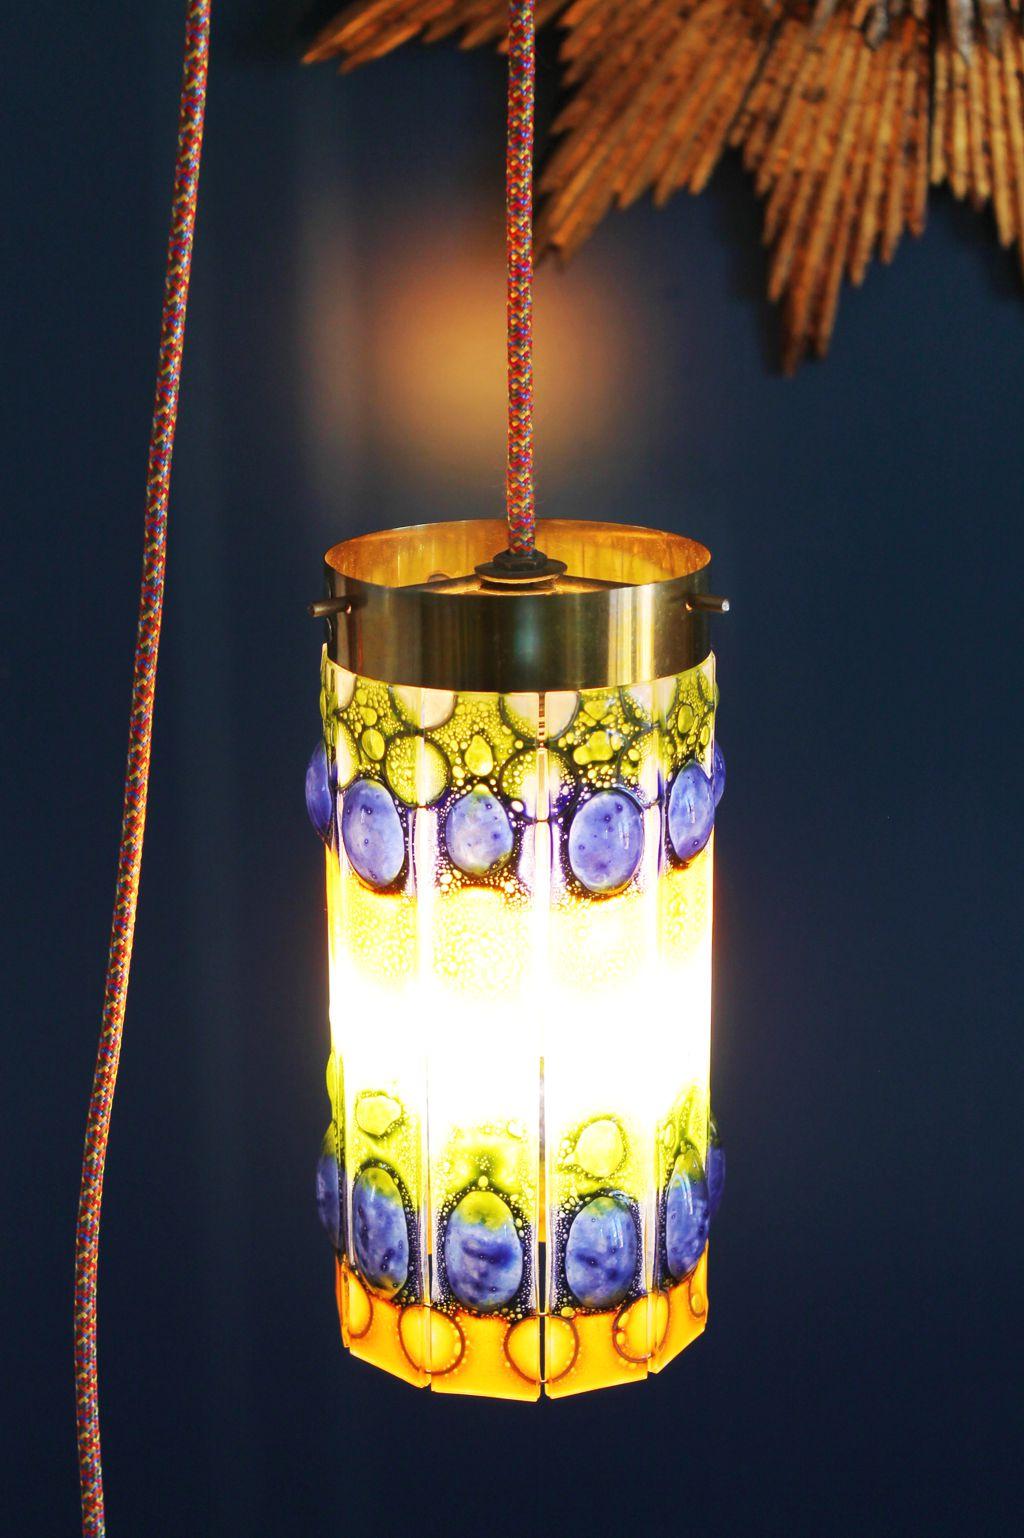 L mpara de suspensi n o farolillo con tulipa de cristales - Lamparas de cristal de colores ...